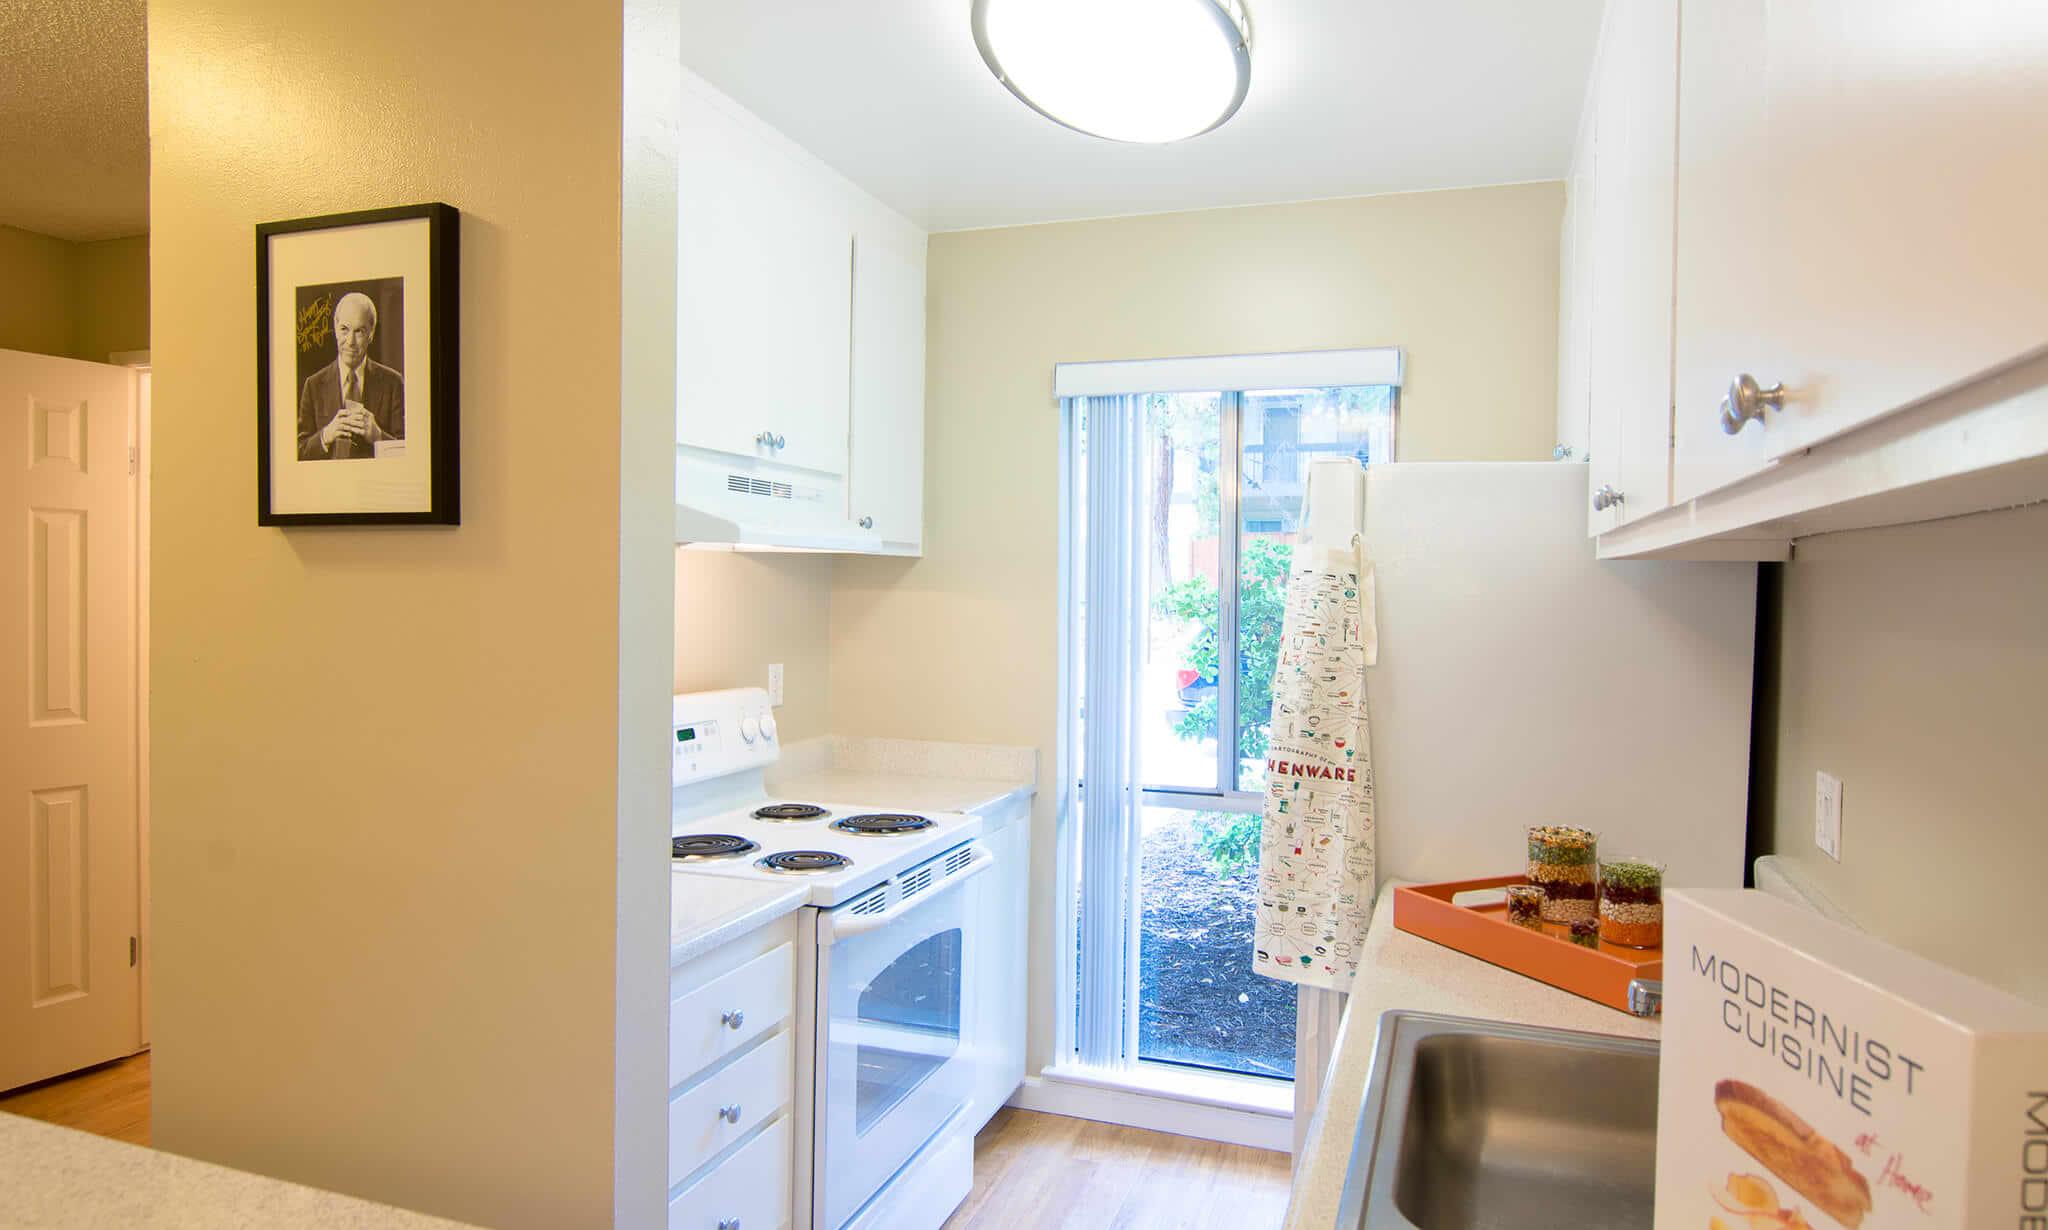 Montecito Apartments apartments in Santa Clara CA to rent photo 5